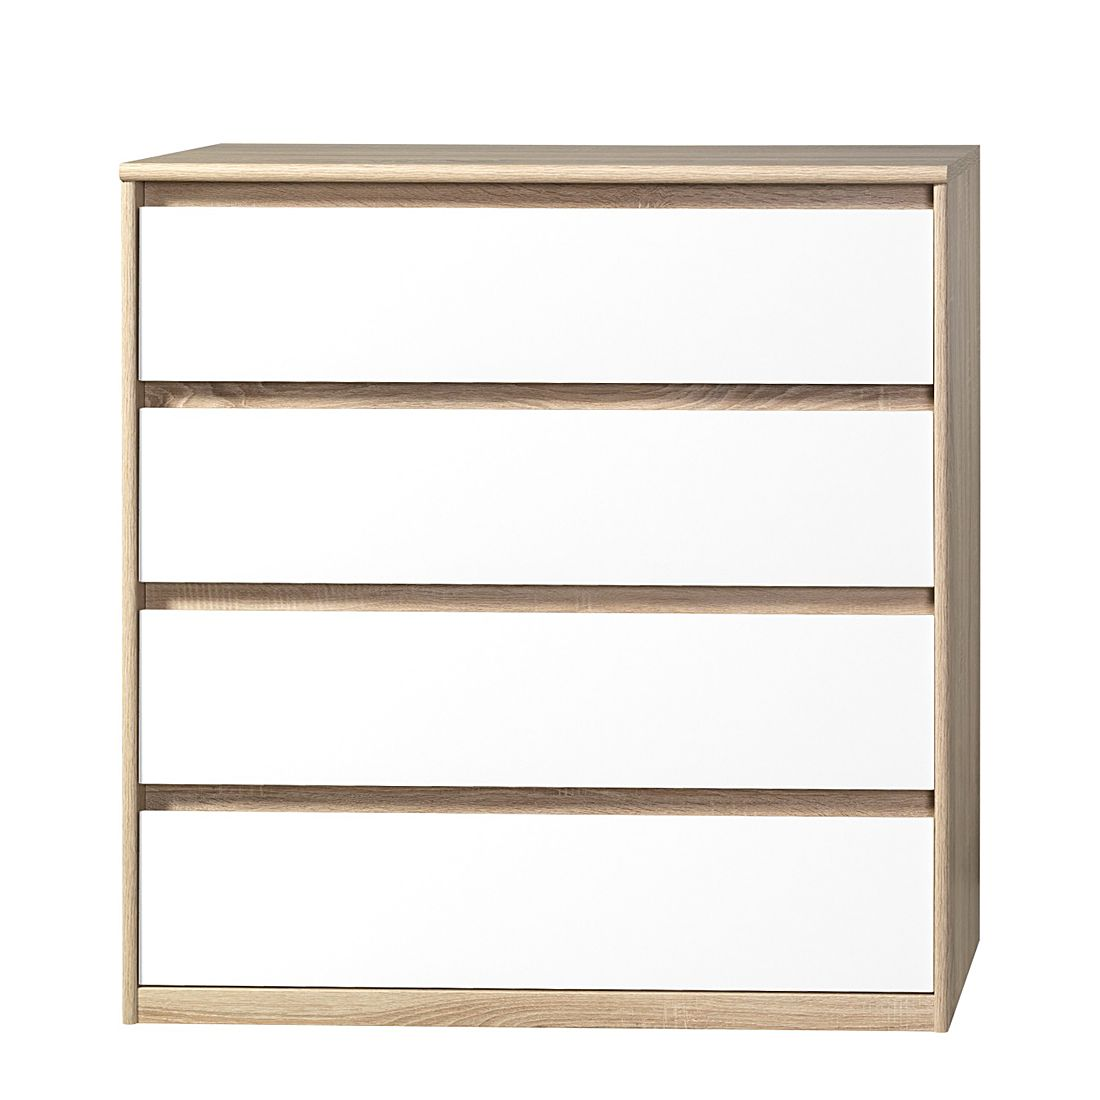 Home 24 - Commode soft smart iii - imitation chêne / blanc, cs schmal